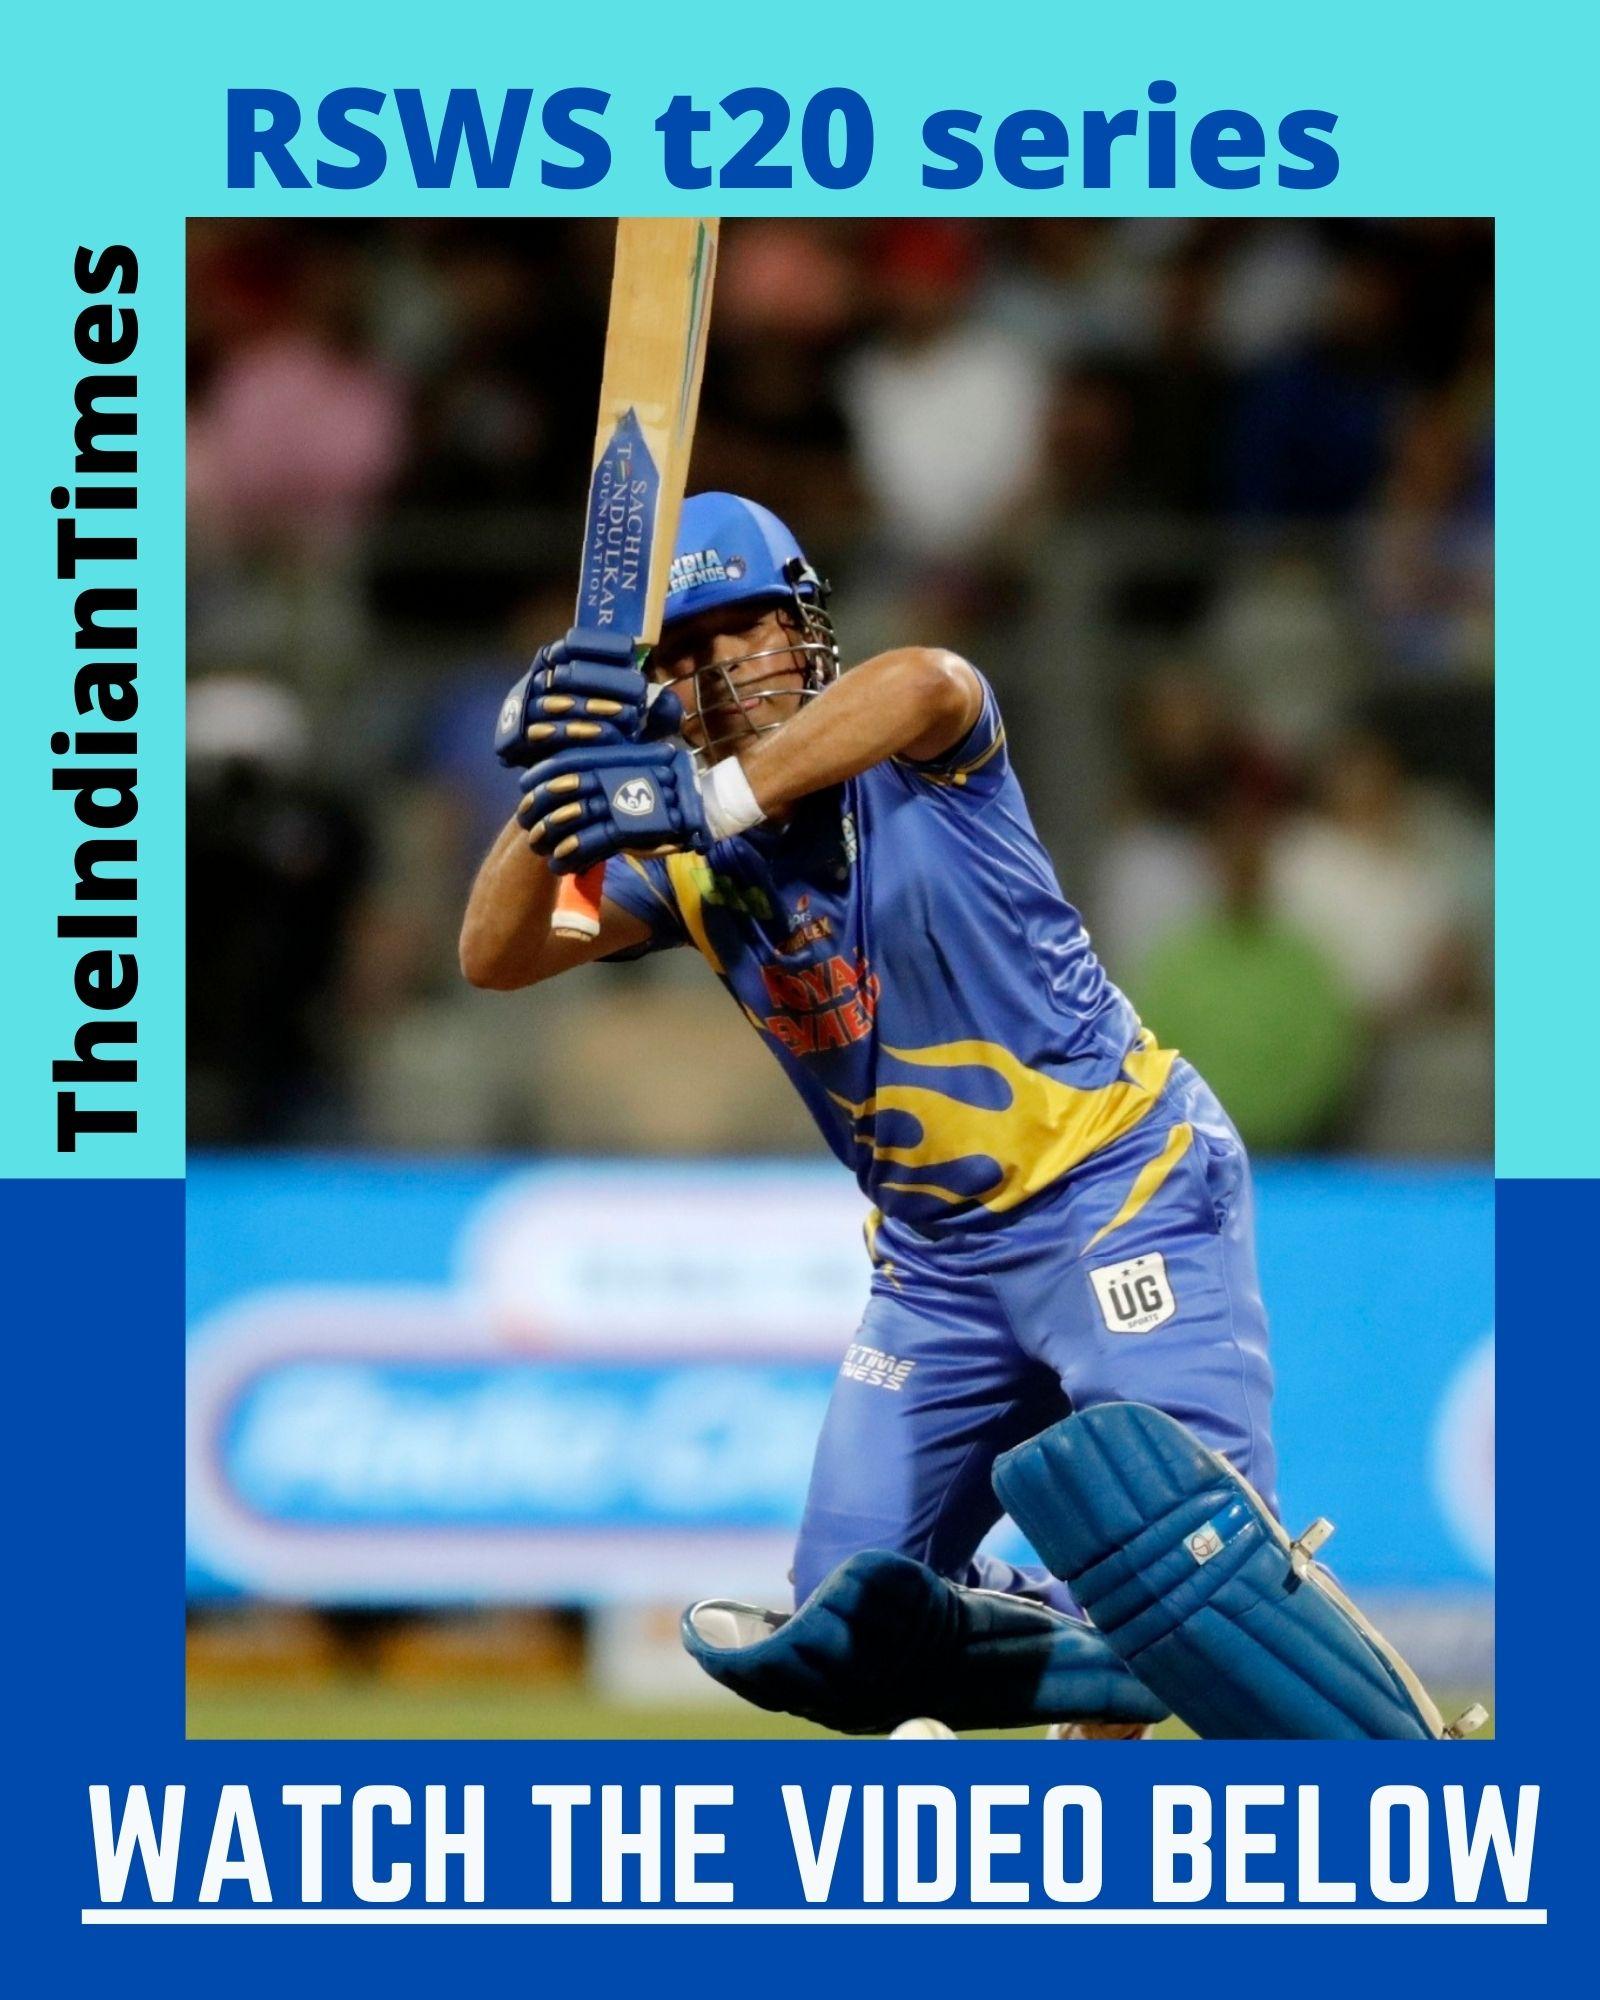 சச்சினின் வெறித்தனமான ஆட்டத்தால் வெற்றி பெற்ற இந்தியா லெஜெண்ட்ஸ் ! 7